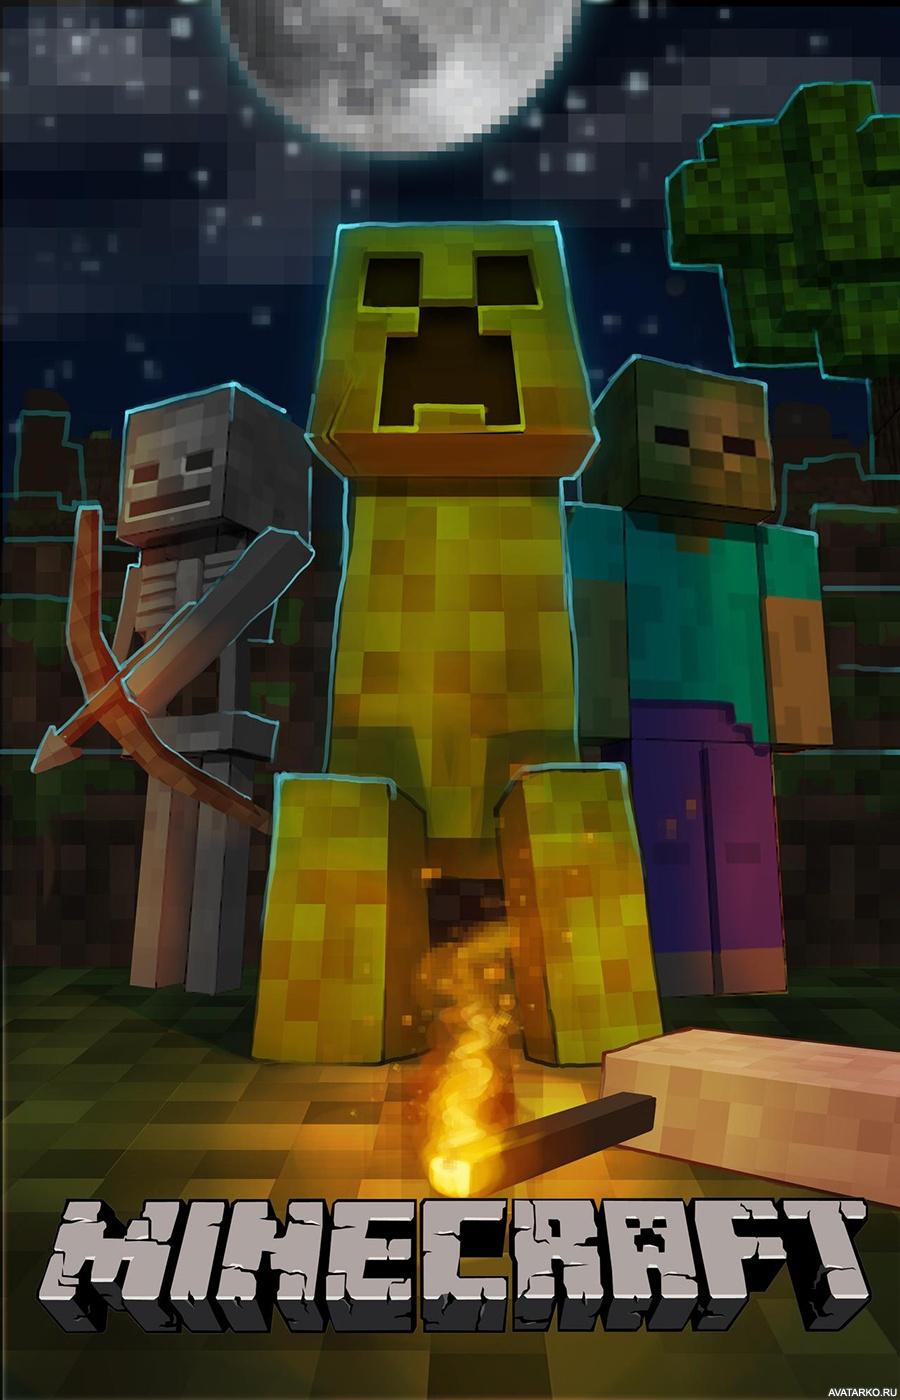 К�ипе� � зомби и �келе�ом по бокам из иг�� minecraft